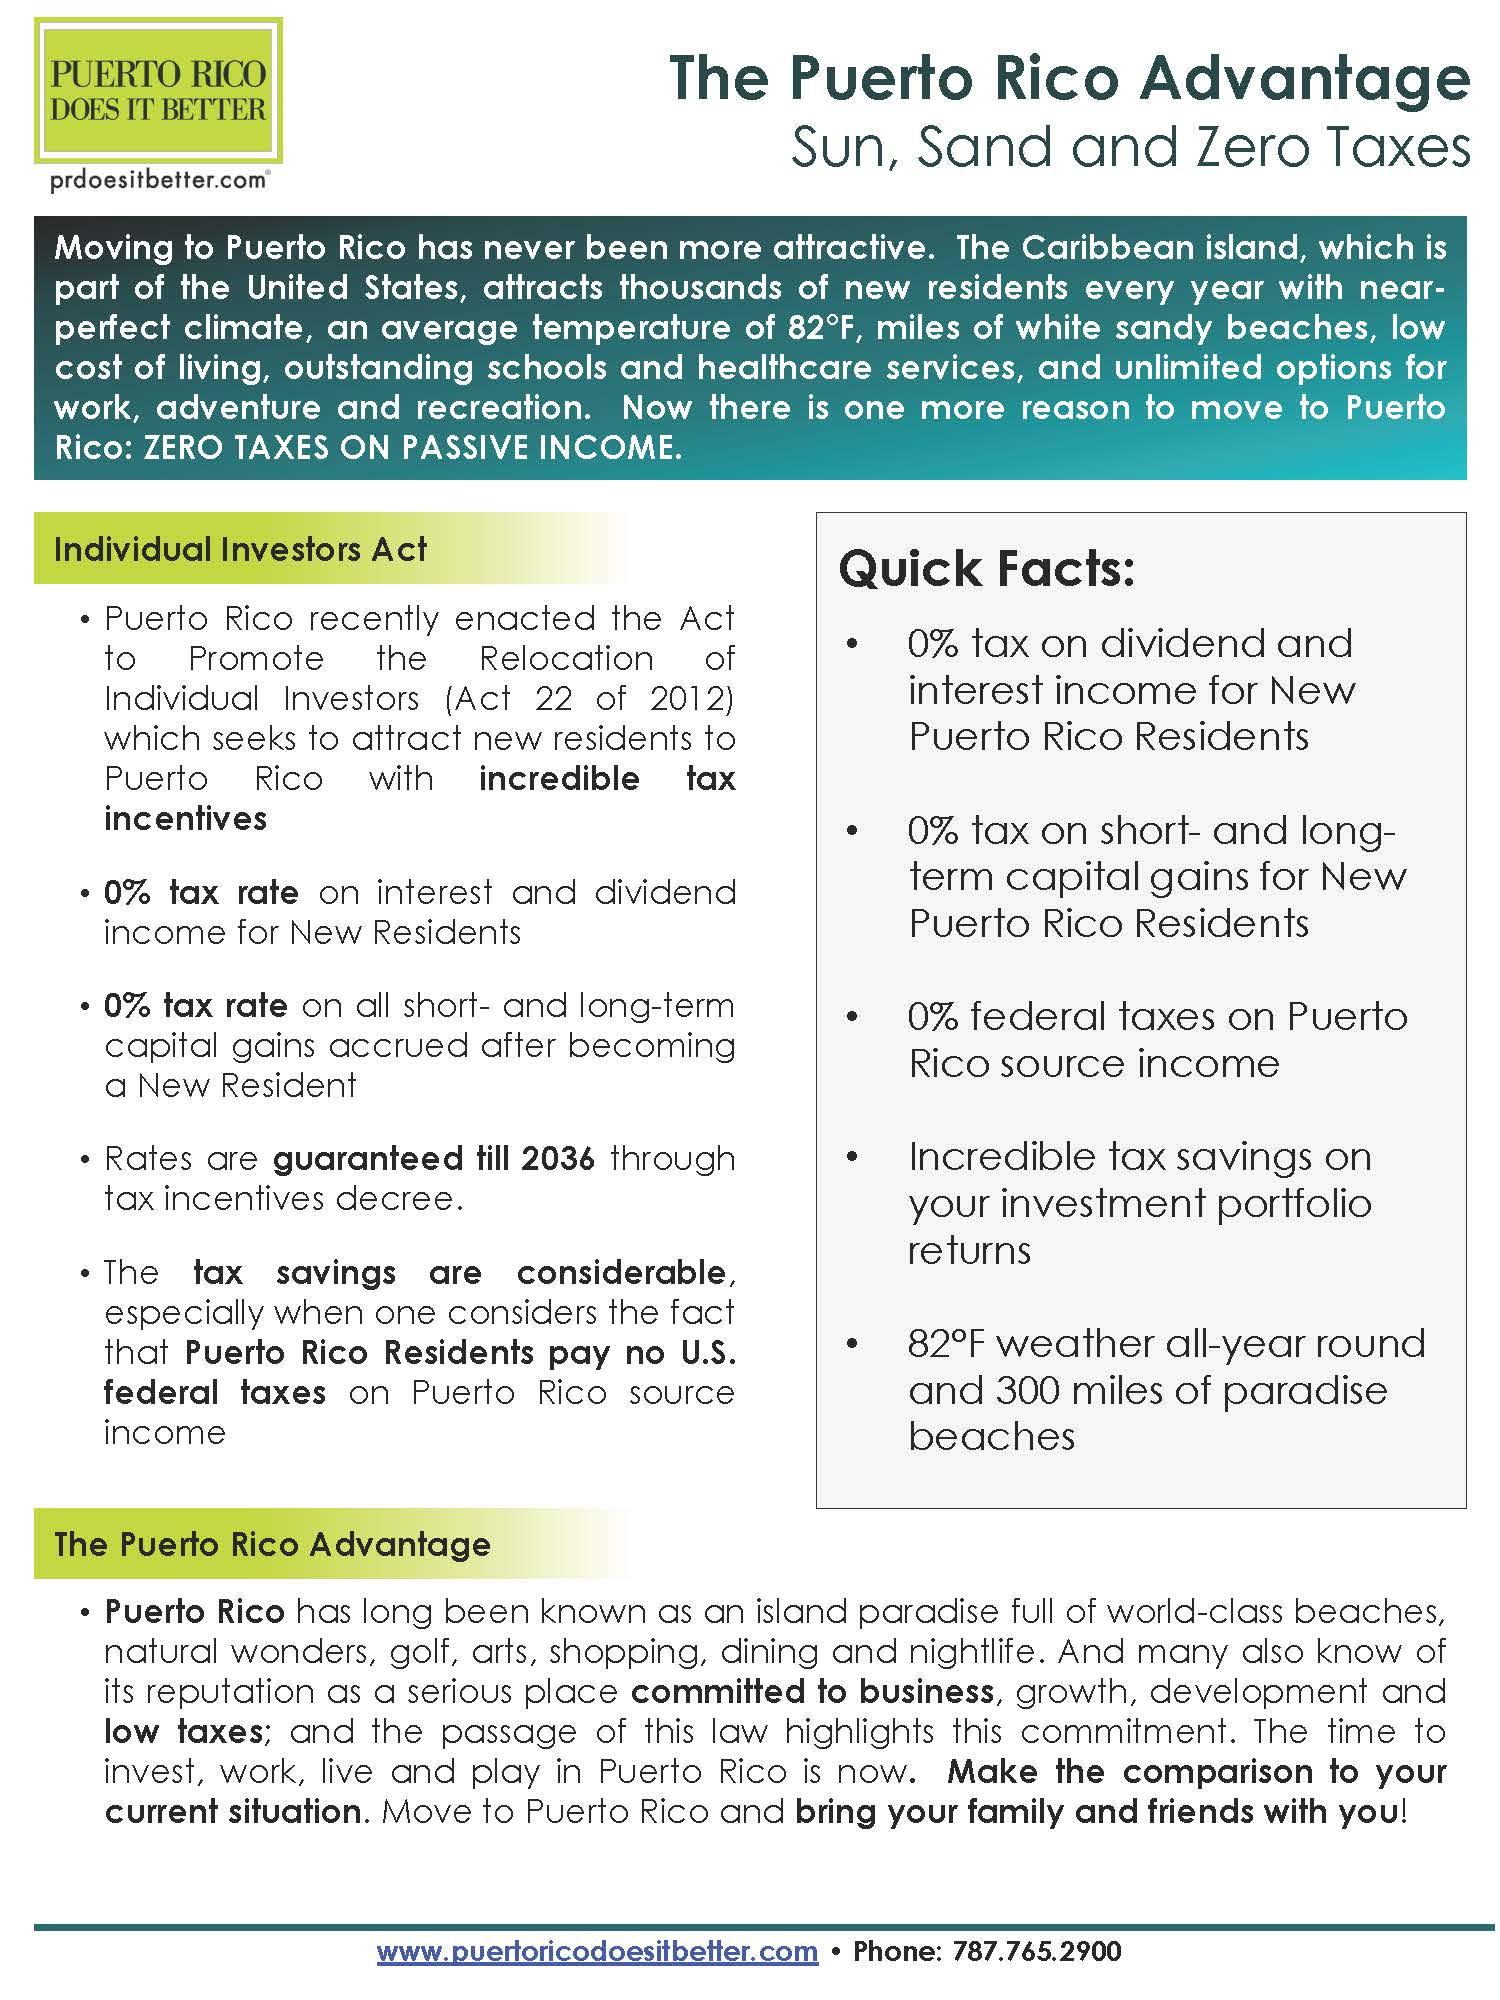 Act 22 - Fact Sheet